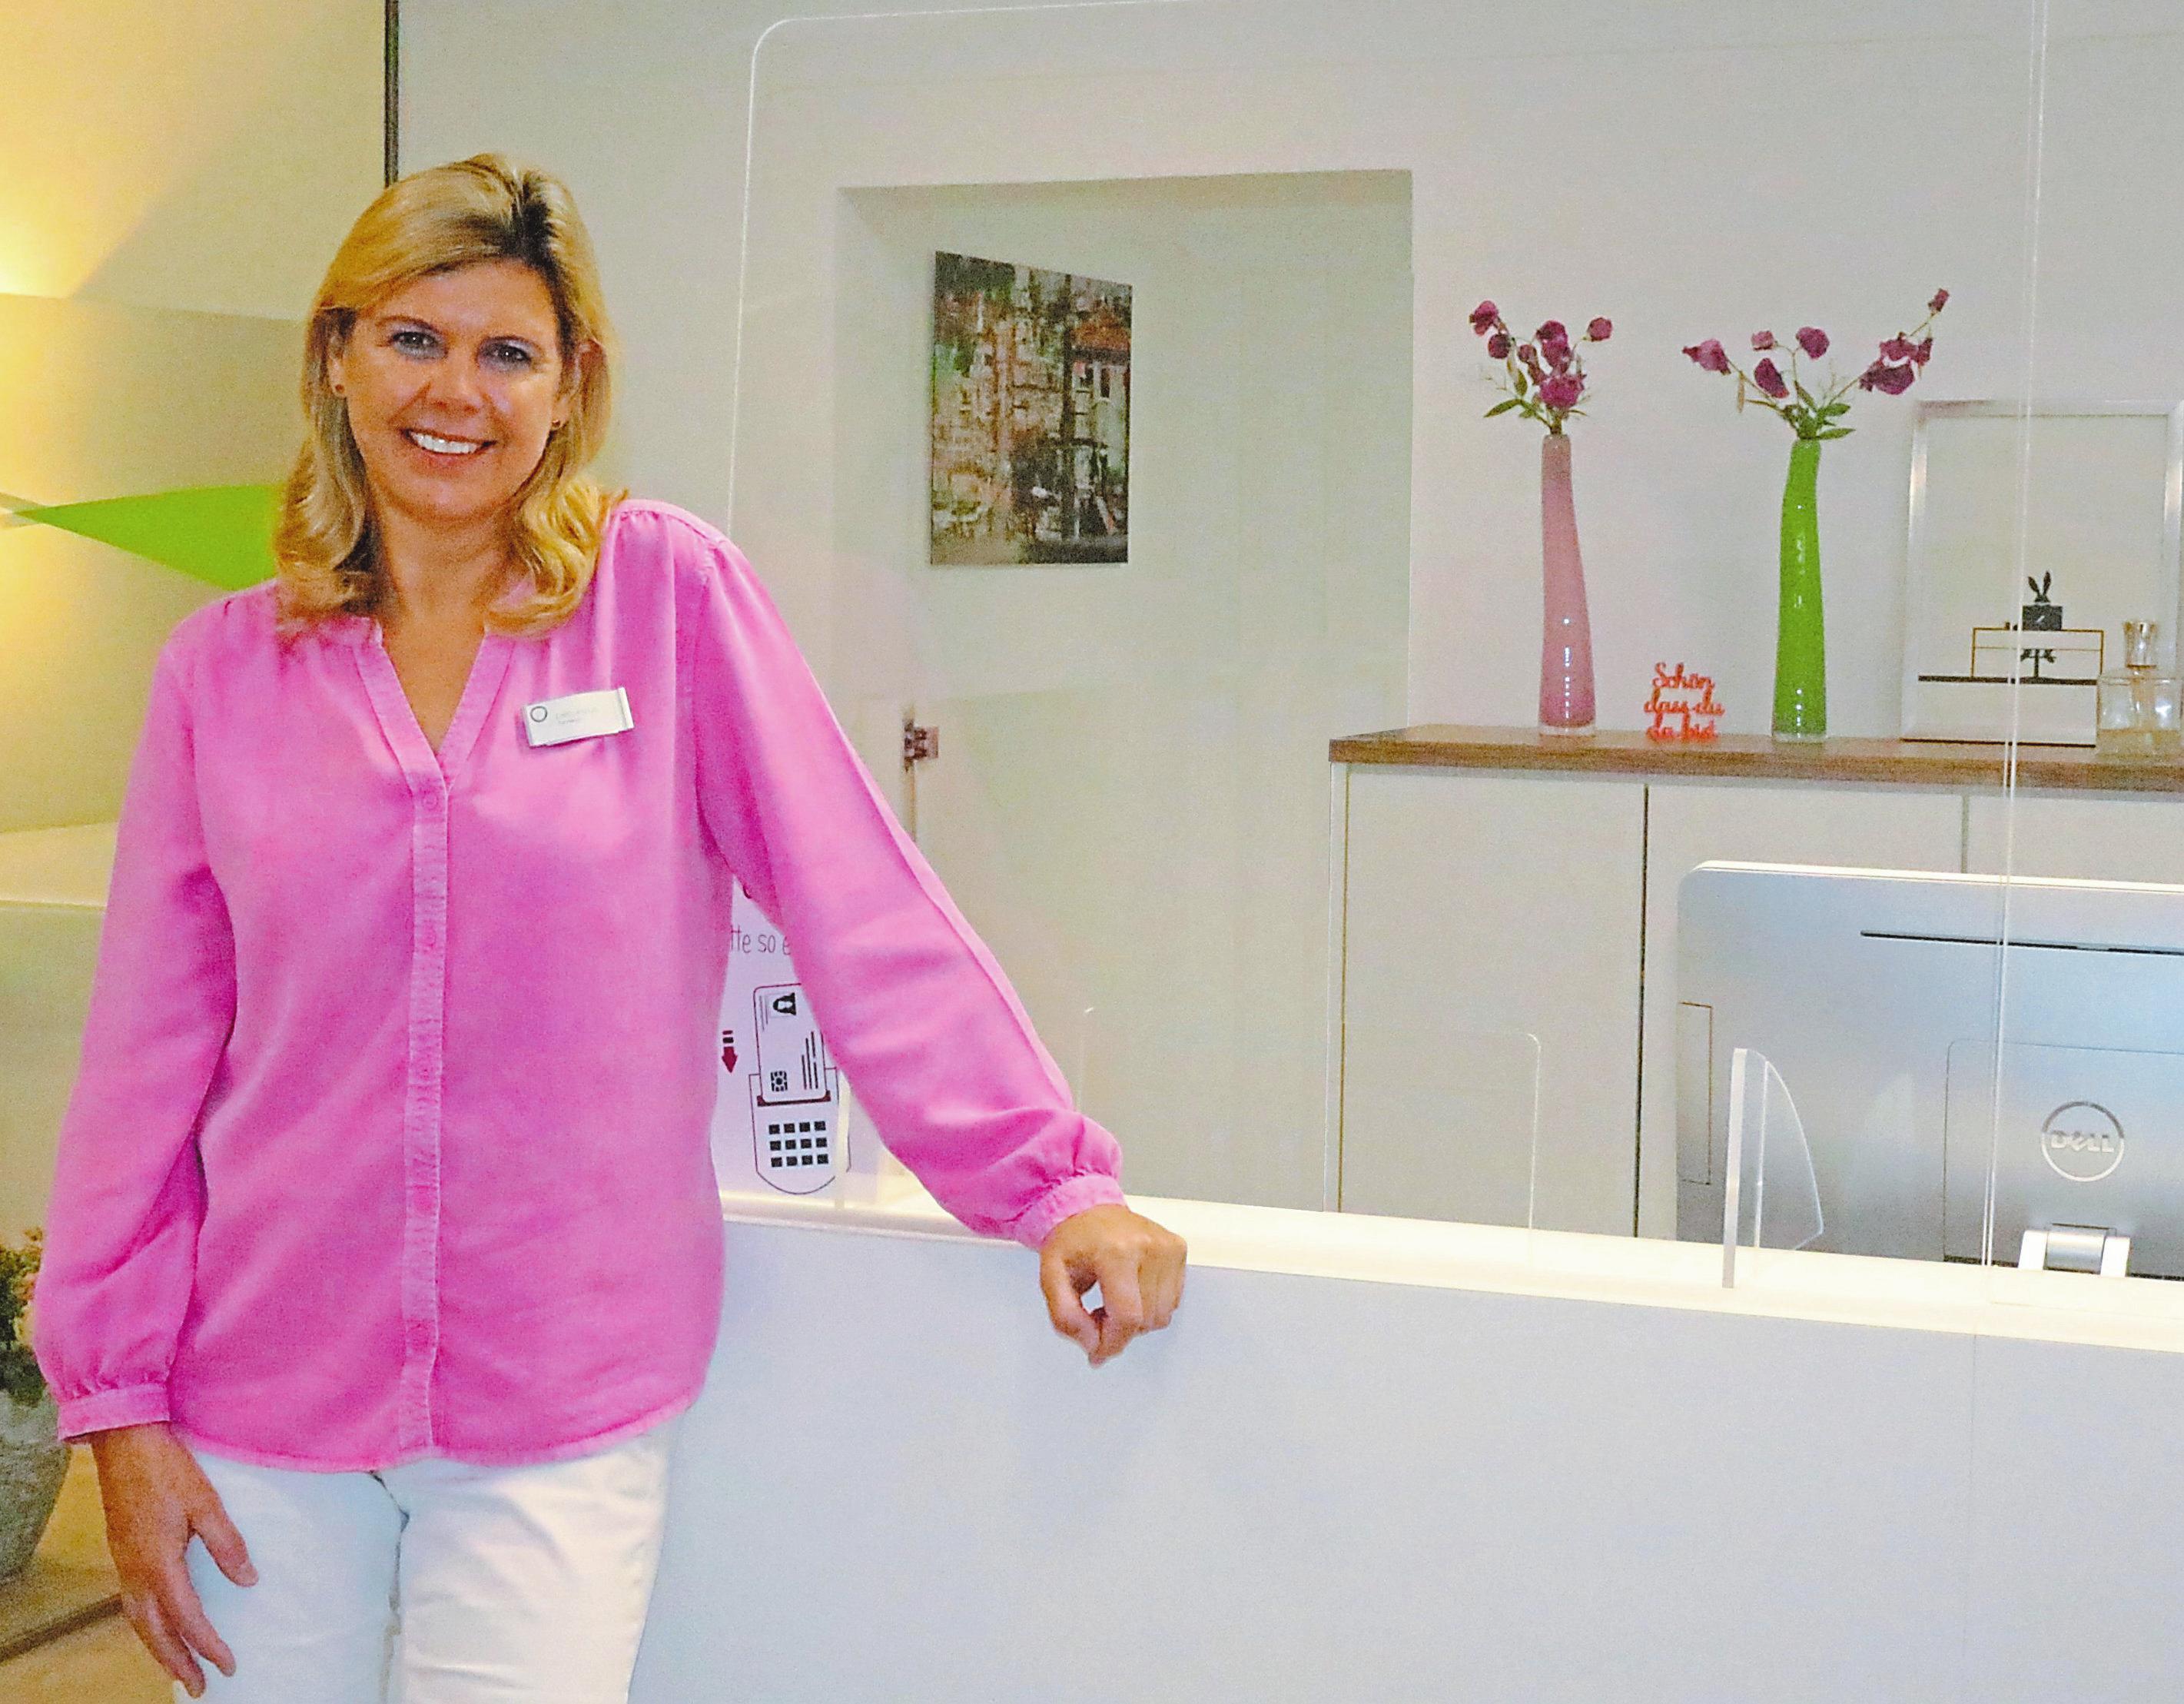 Zahnärztin und Zahntechnikerin Edith Preuß praktiziert seit 25 Jahren in Kinderhaus. Foto: acf